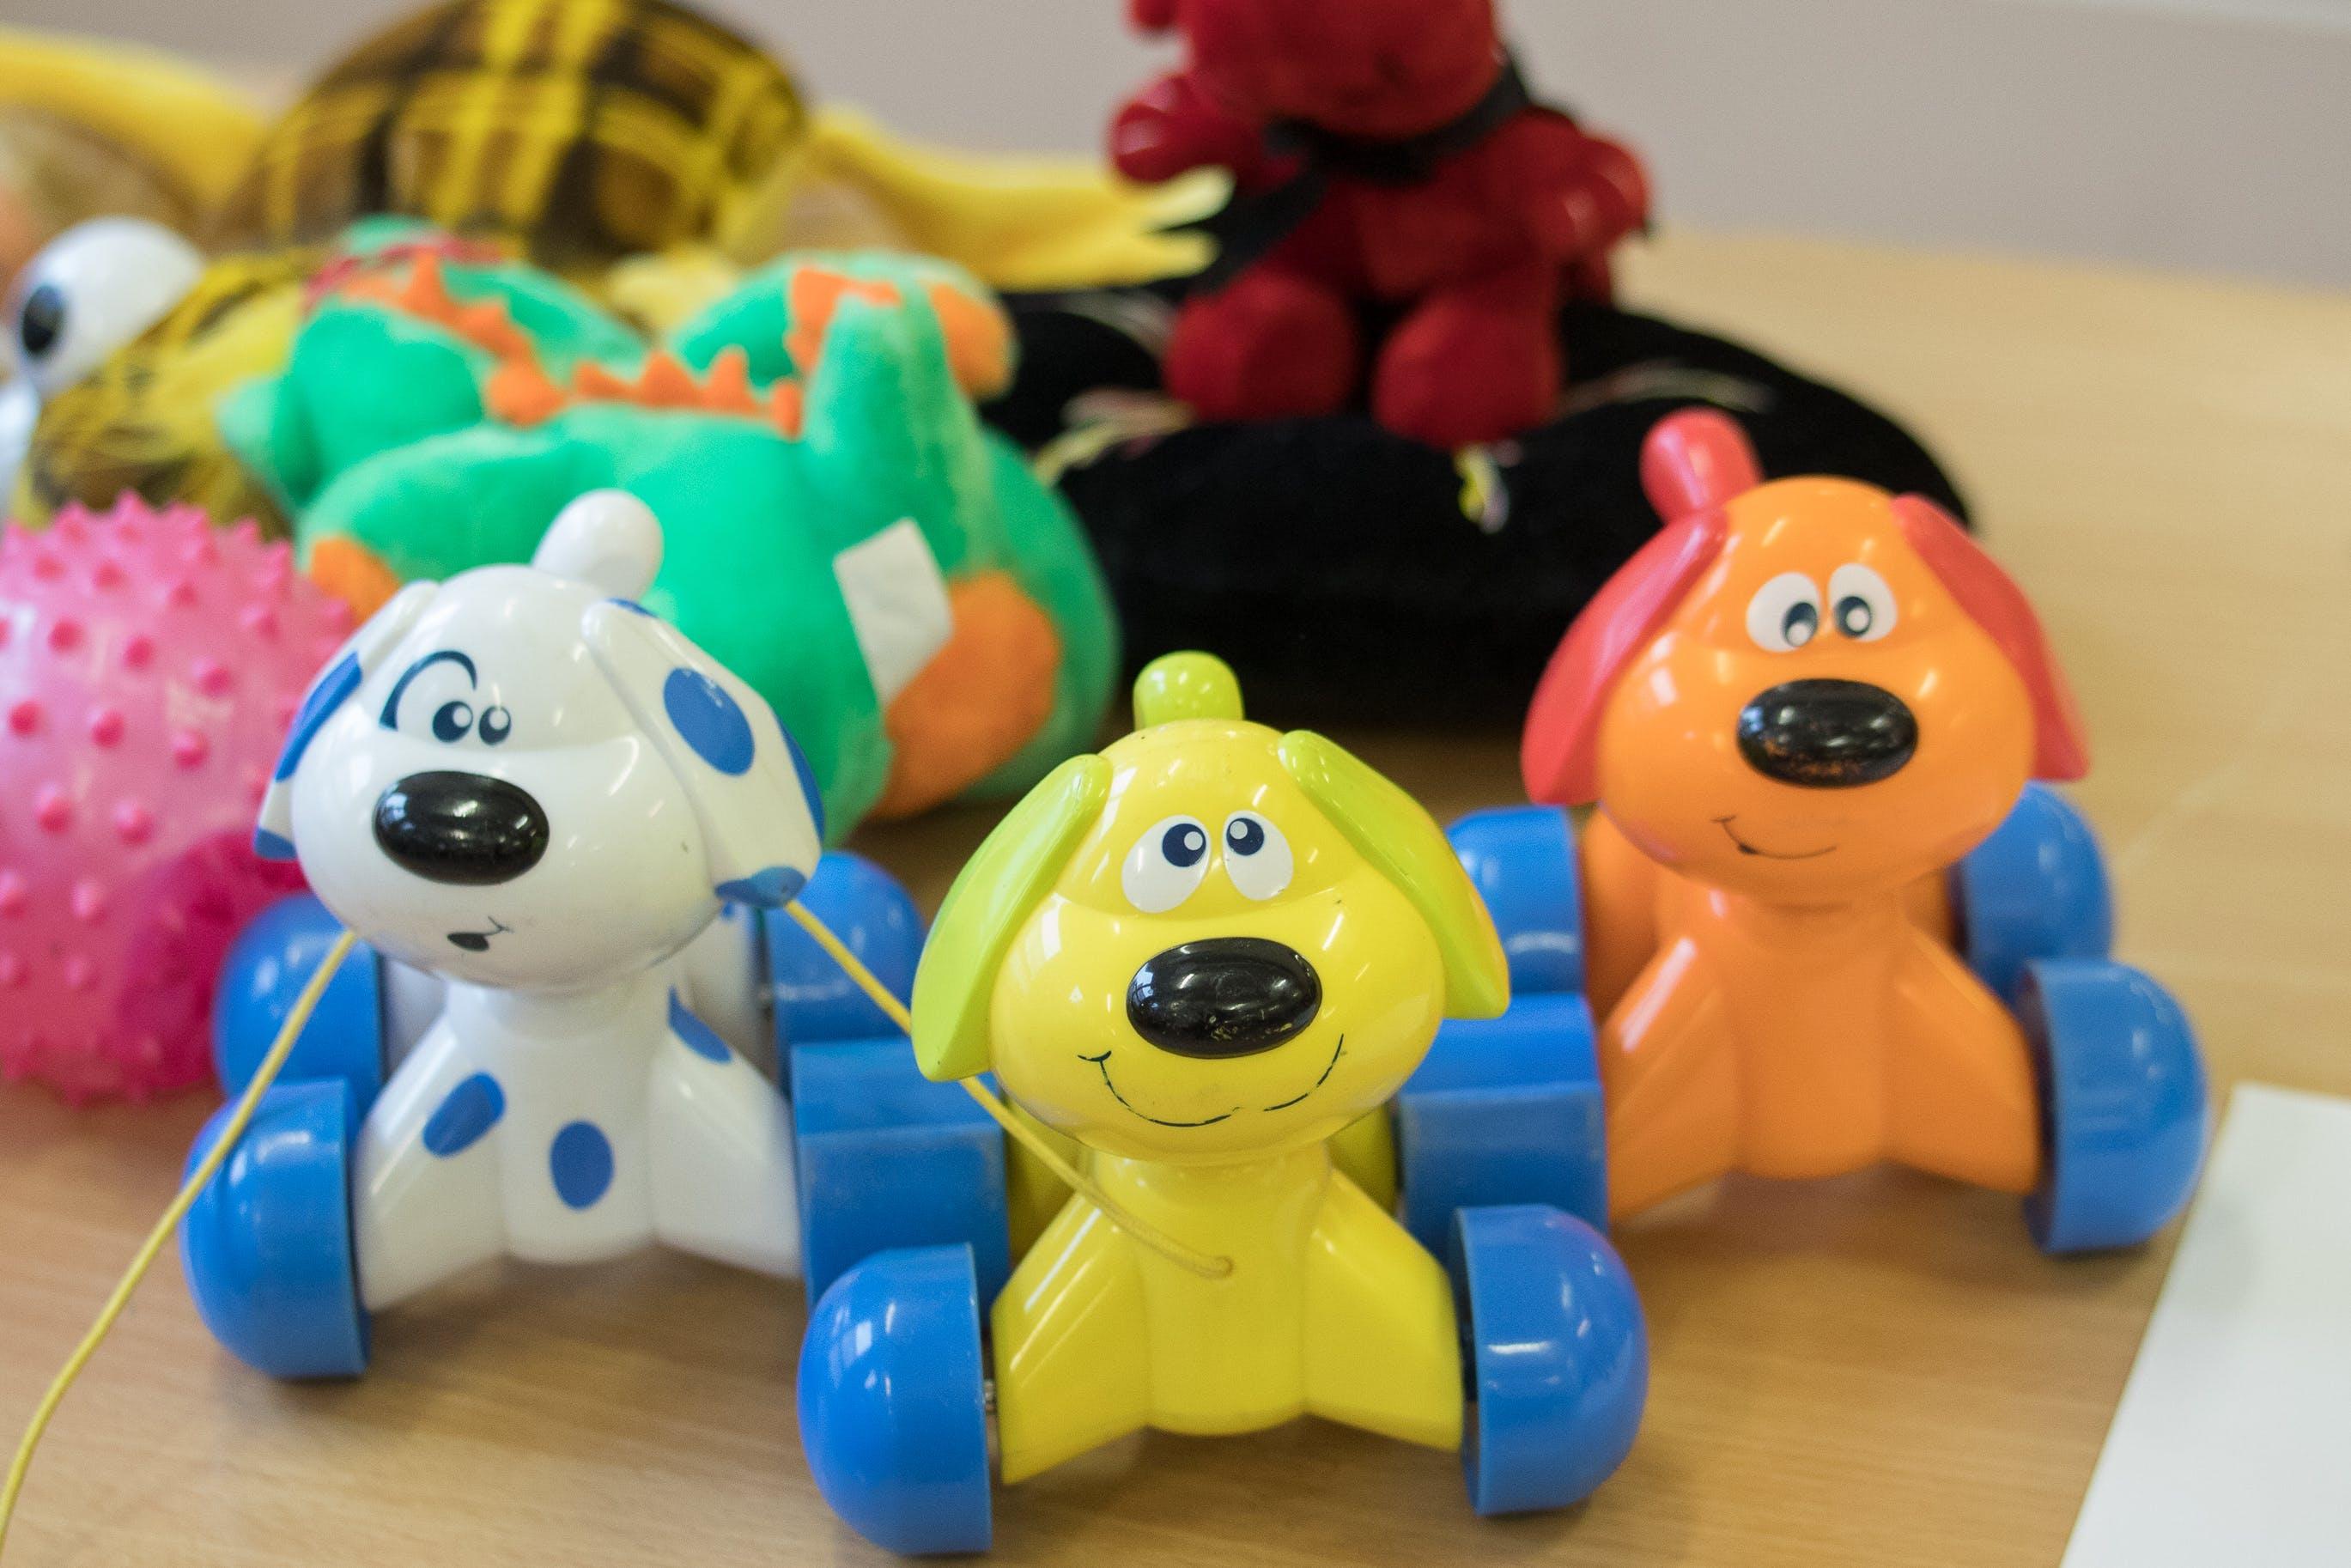 Fotos de stock gratuitas de juguetes para niños